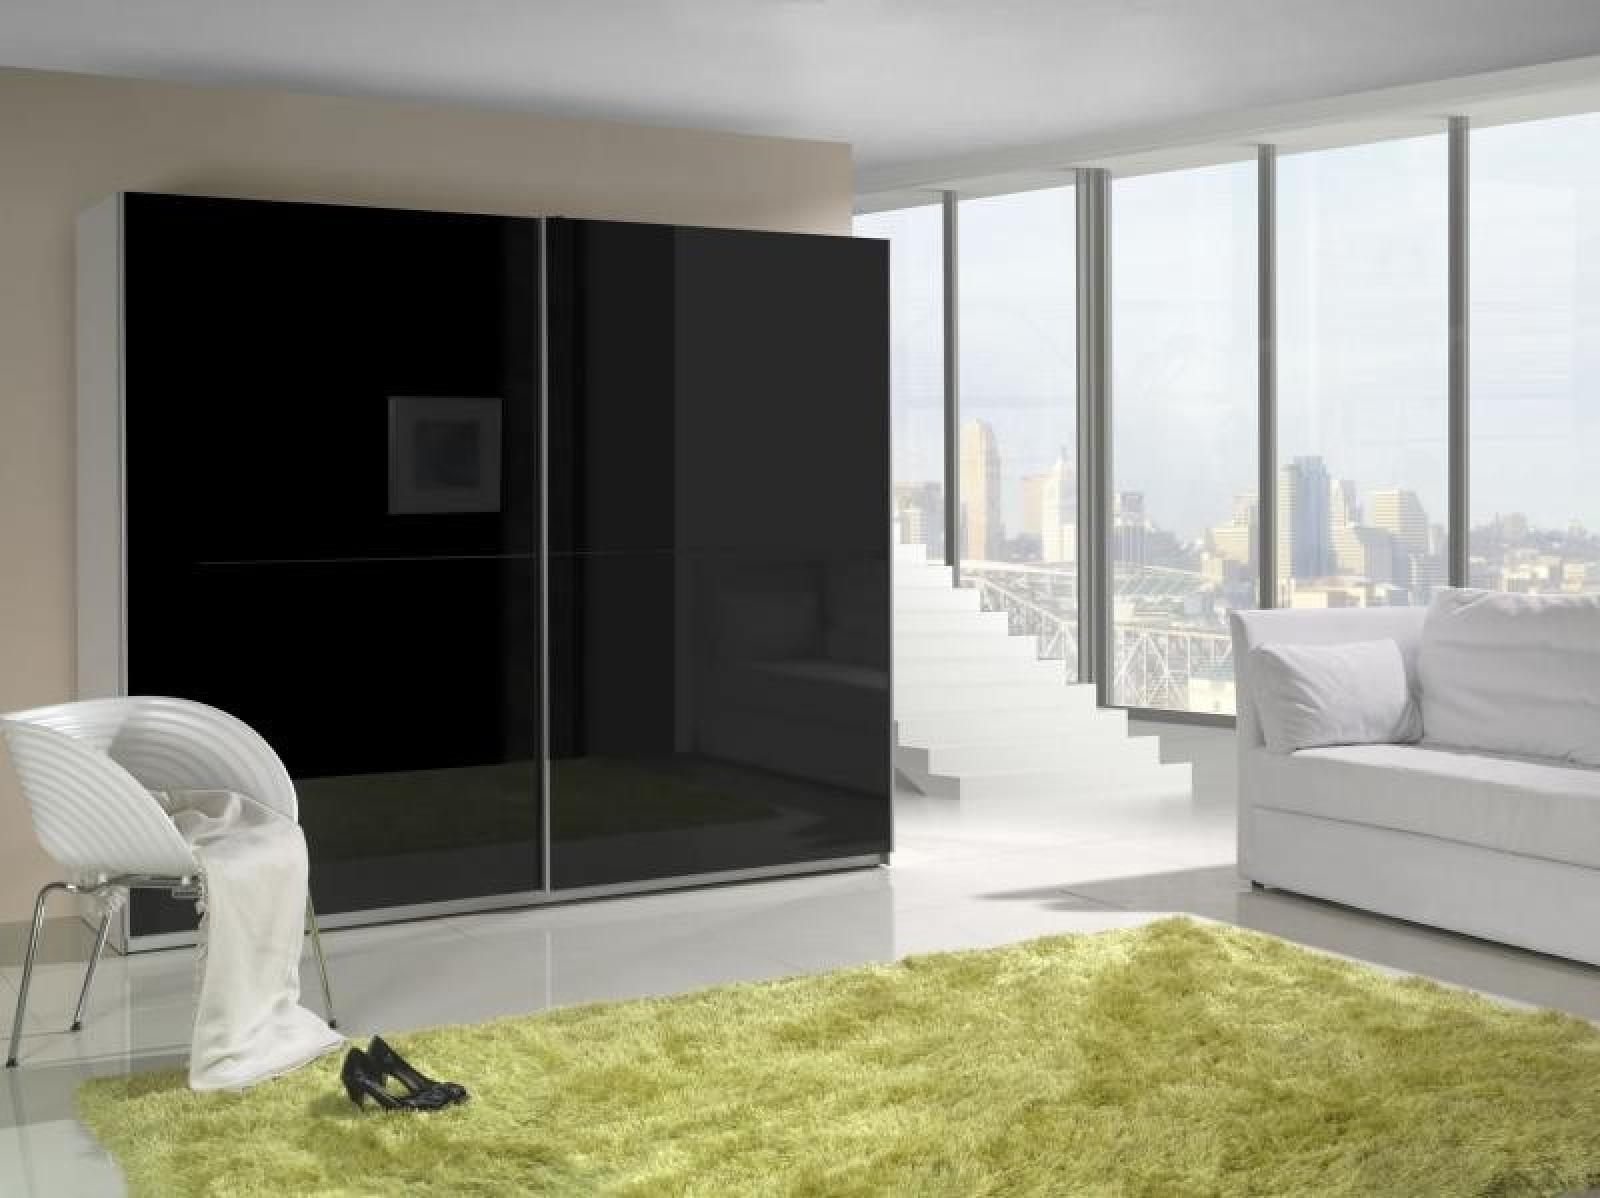 Schwebetürenschrank spiegel schwarz  KAUFEXPERT - Schwebetürenschrank 244 cm Prestige 1 Schwarz ...